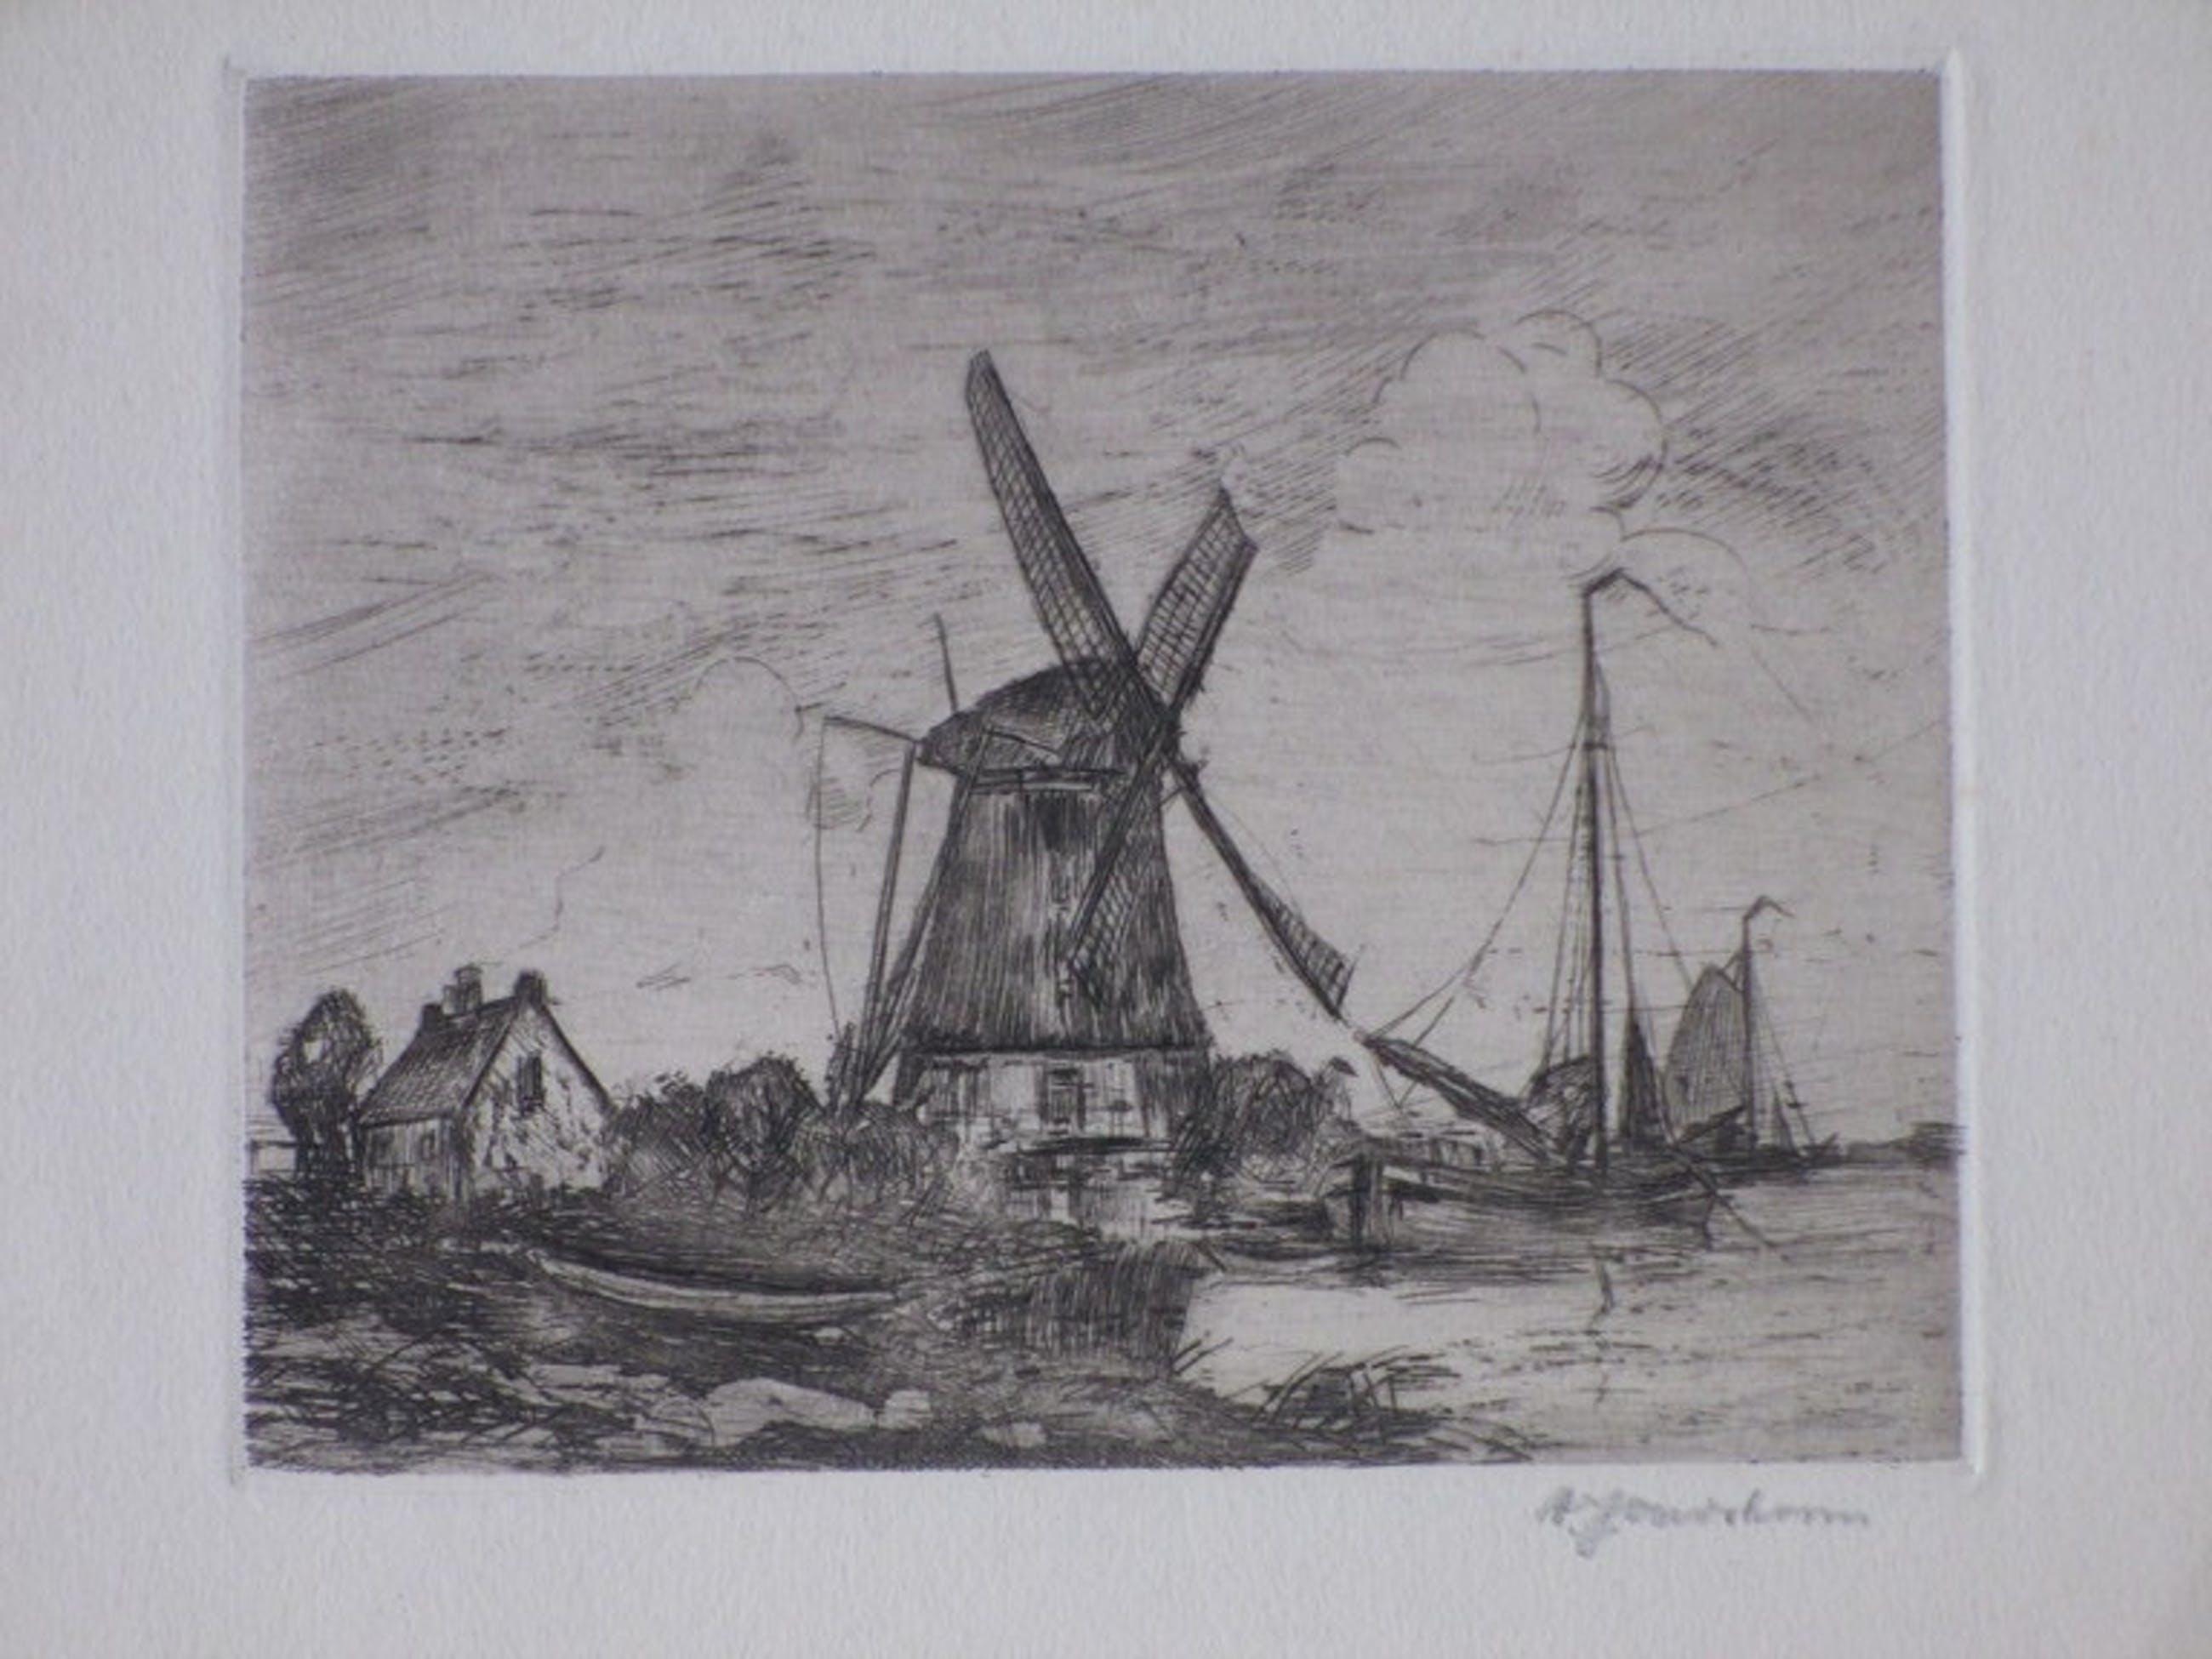 A.J.Oudshoorn, Waterlandschap met molen en zeilschip, Ets kopen? Bied vanaf 1!